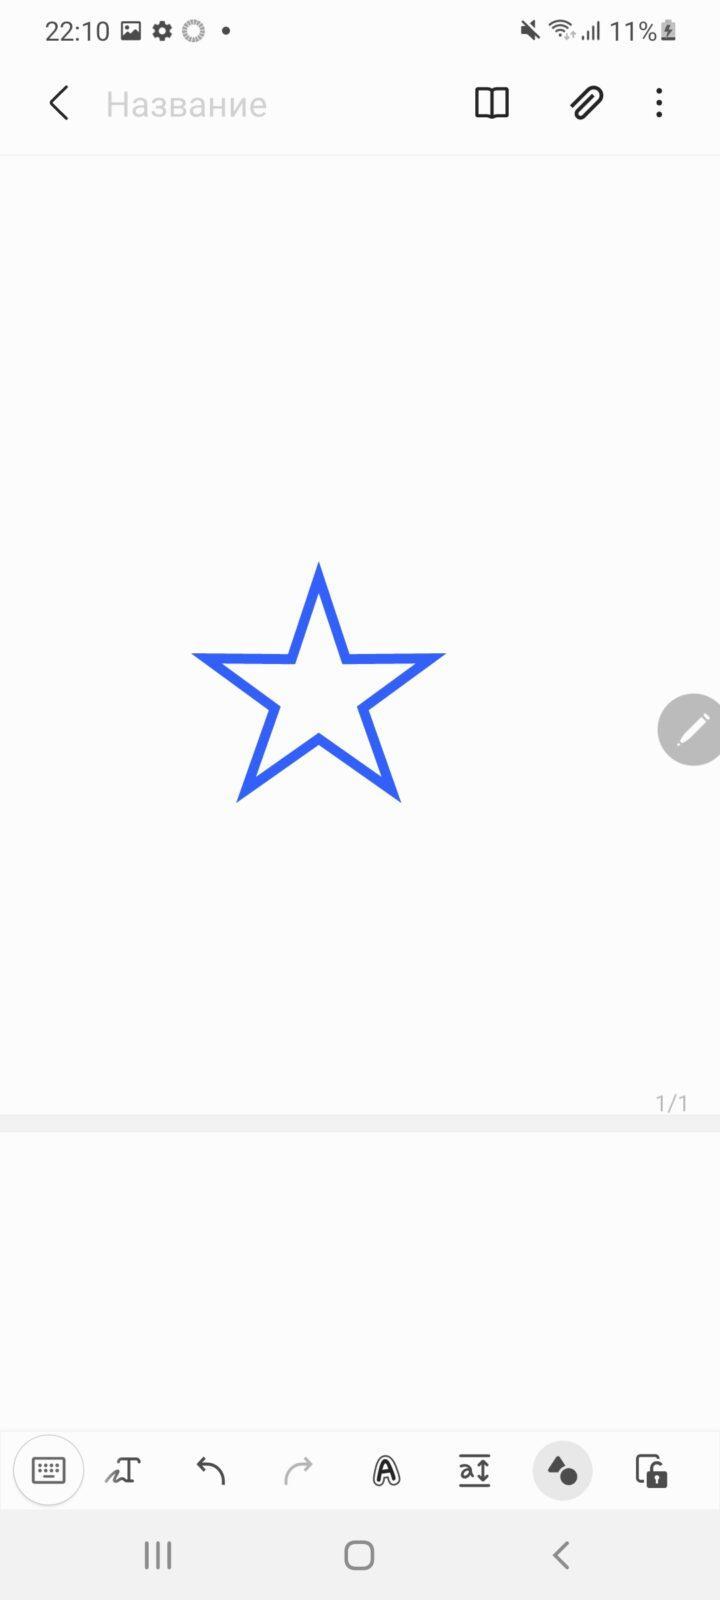 Обзор Samsung Galaxy S21 Ultra: лучший из лучших (screenshot 20210224 221025 samsung notes)